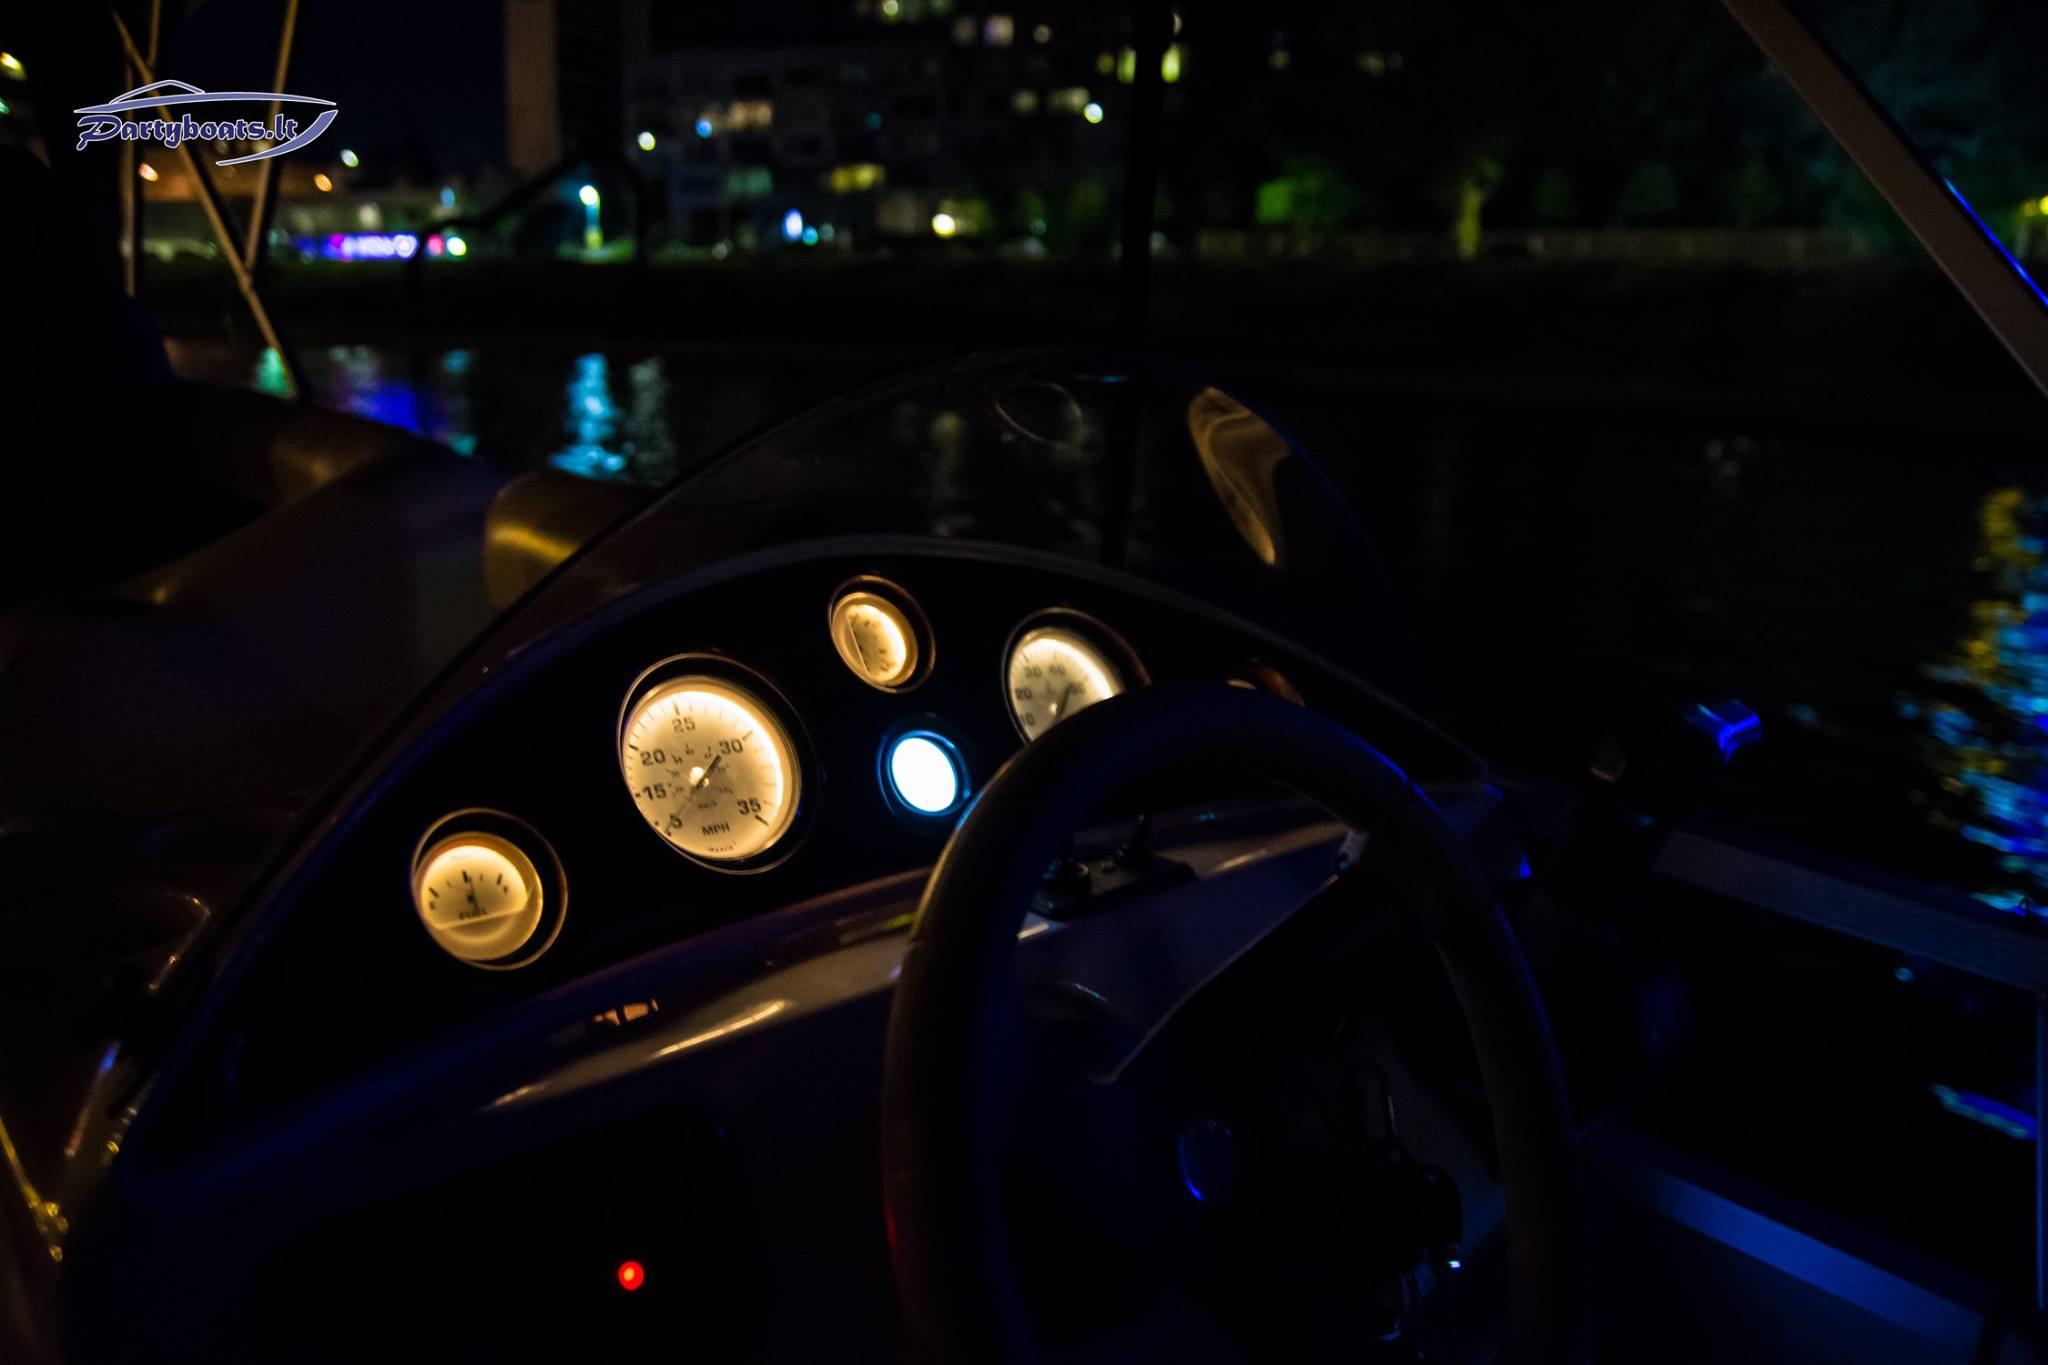 Plaukimas laivu naktį